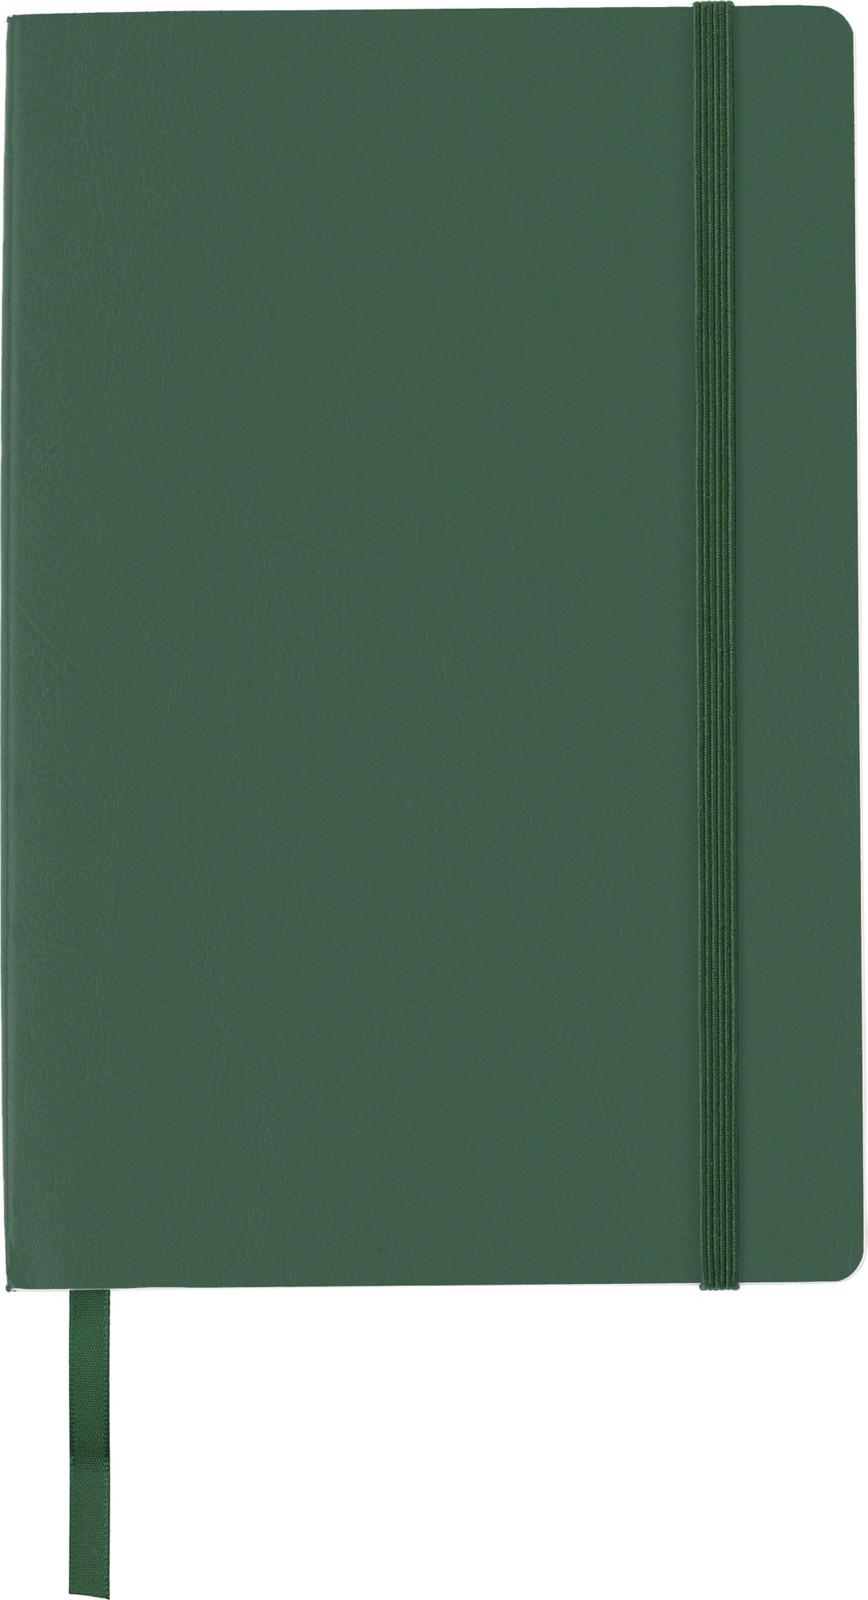 PU notebook - Green